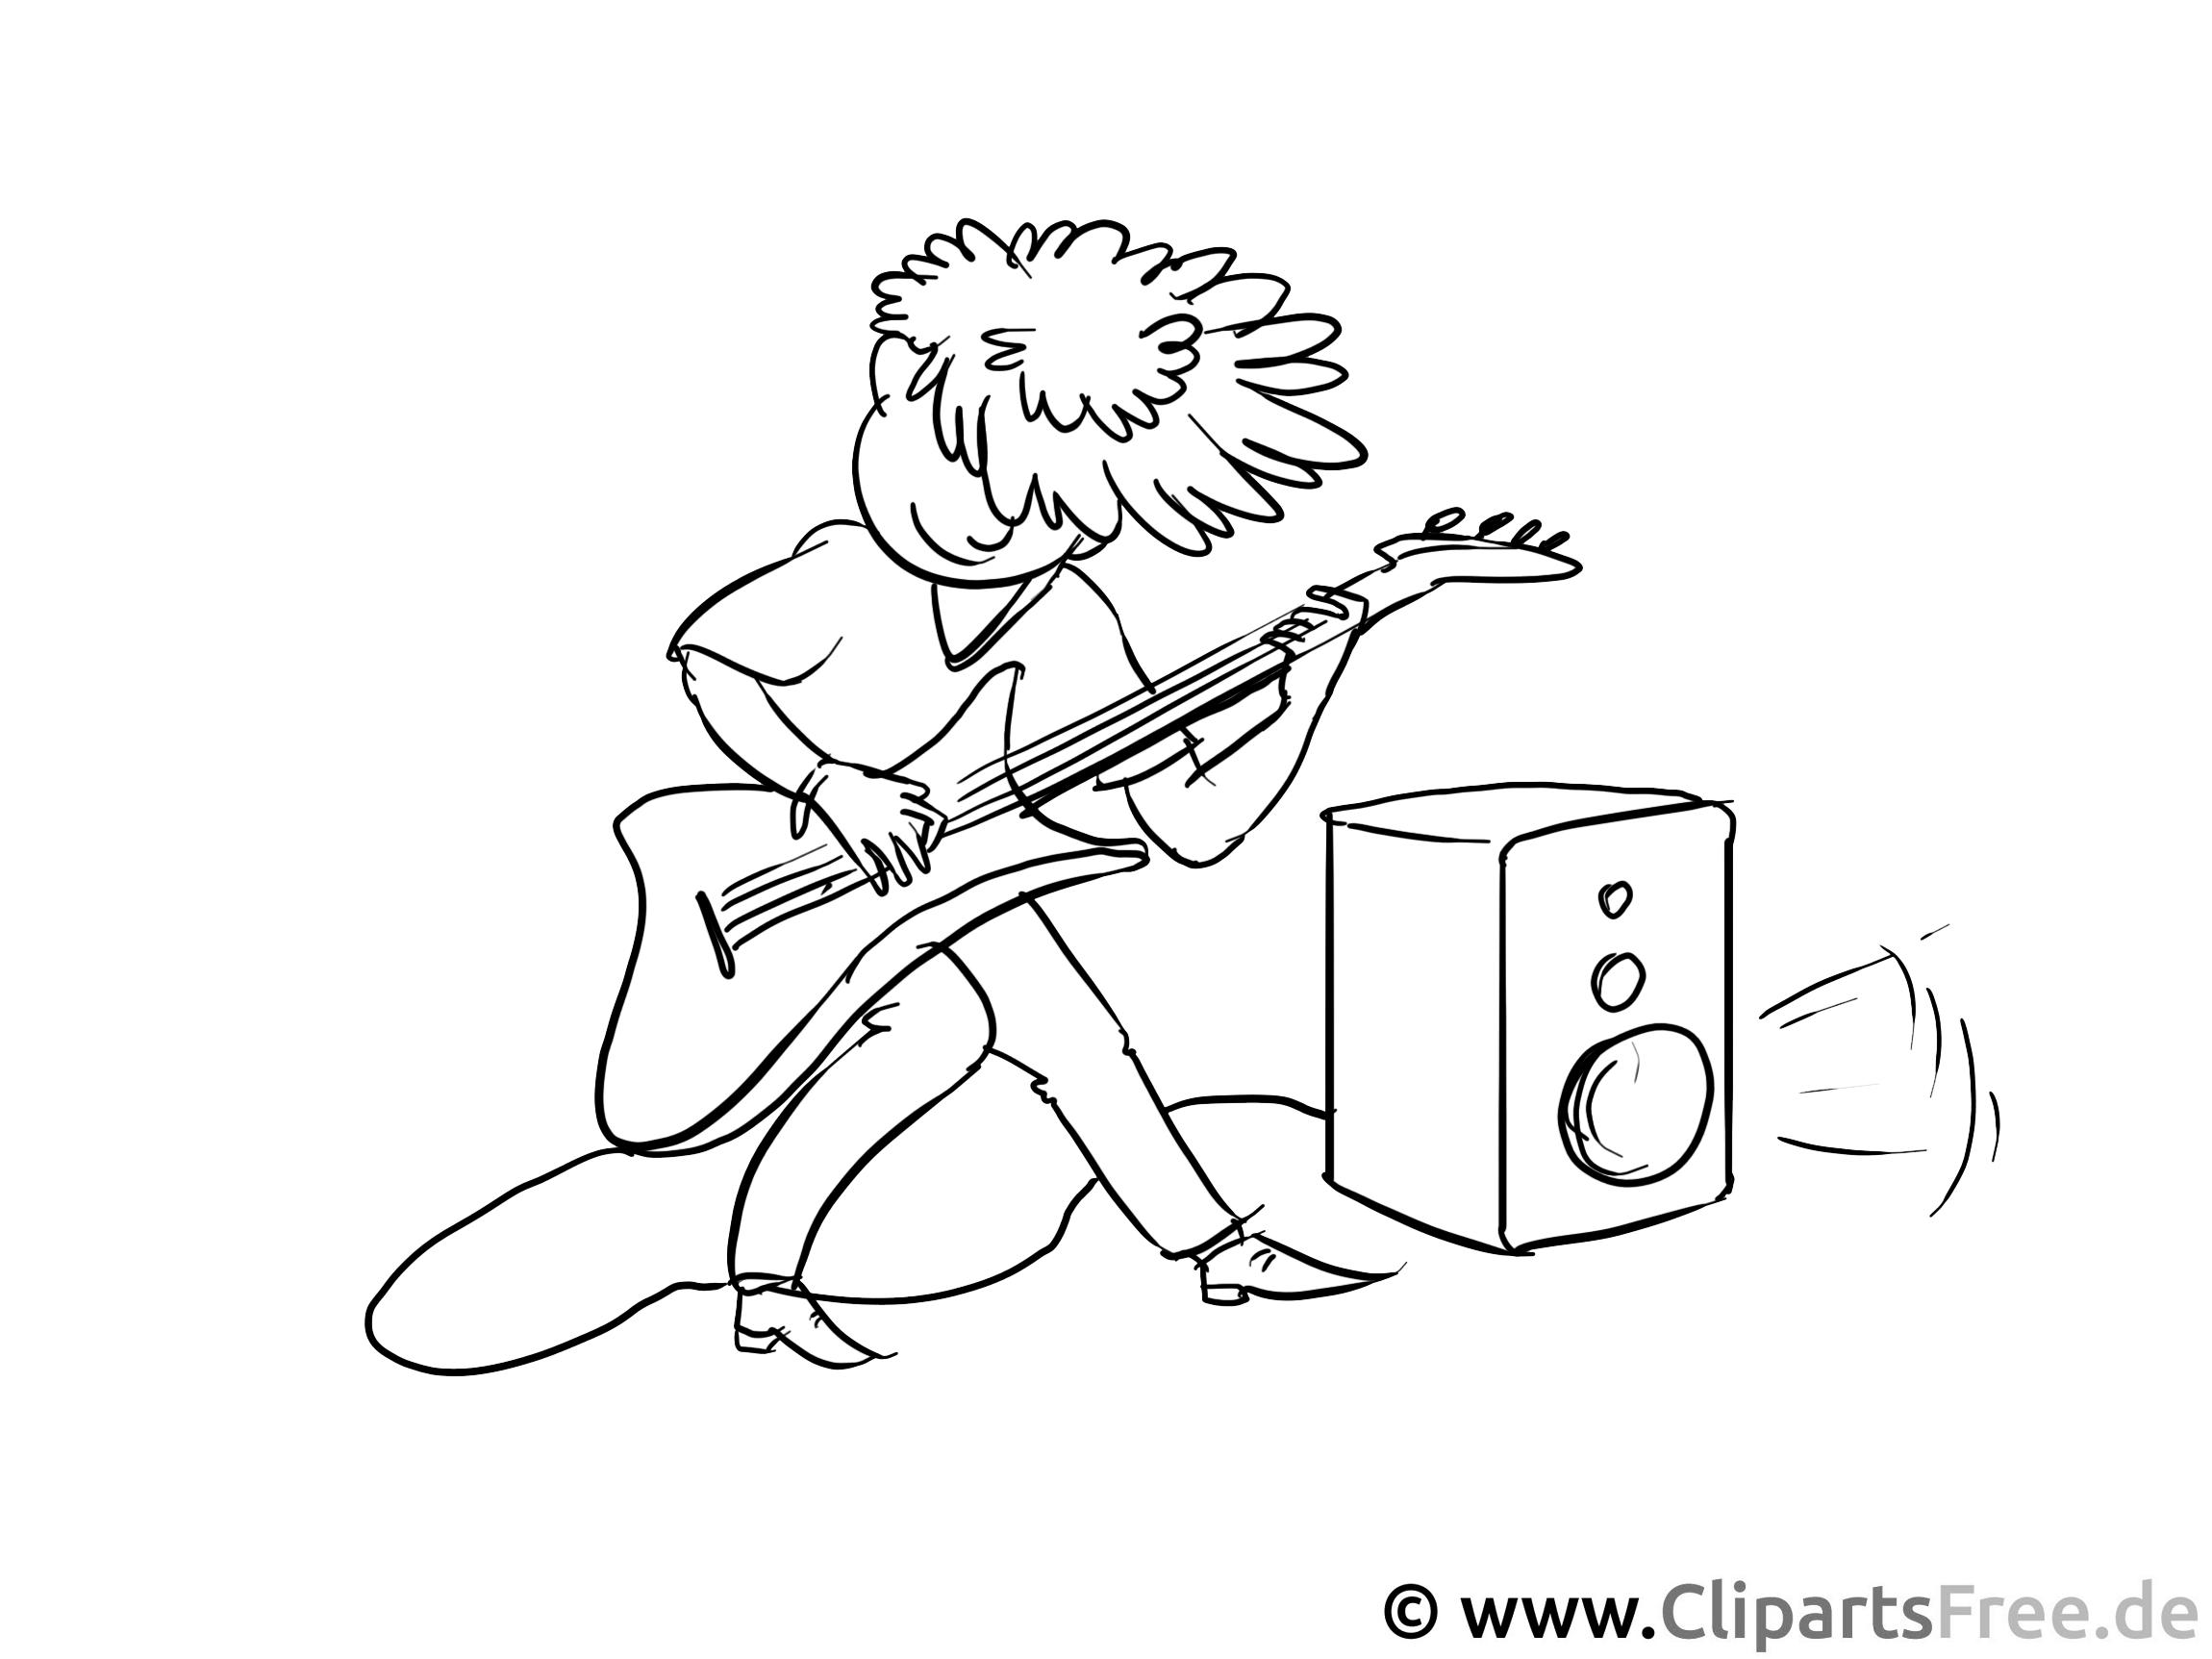 Rock-Musiker Malvorlage - Berufe Ausmalbilder für den Unterricht